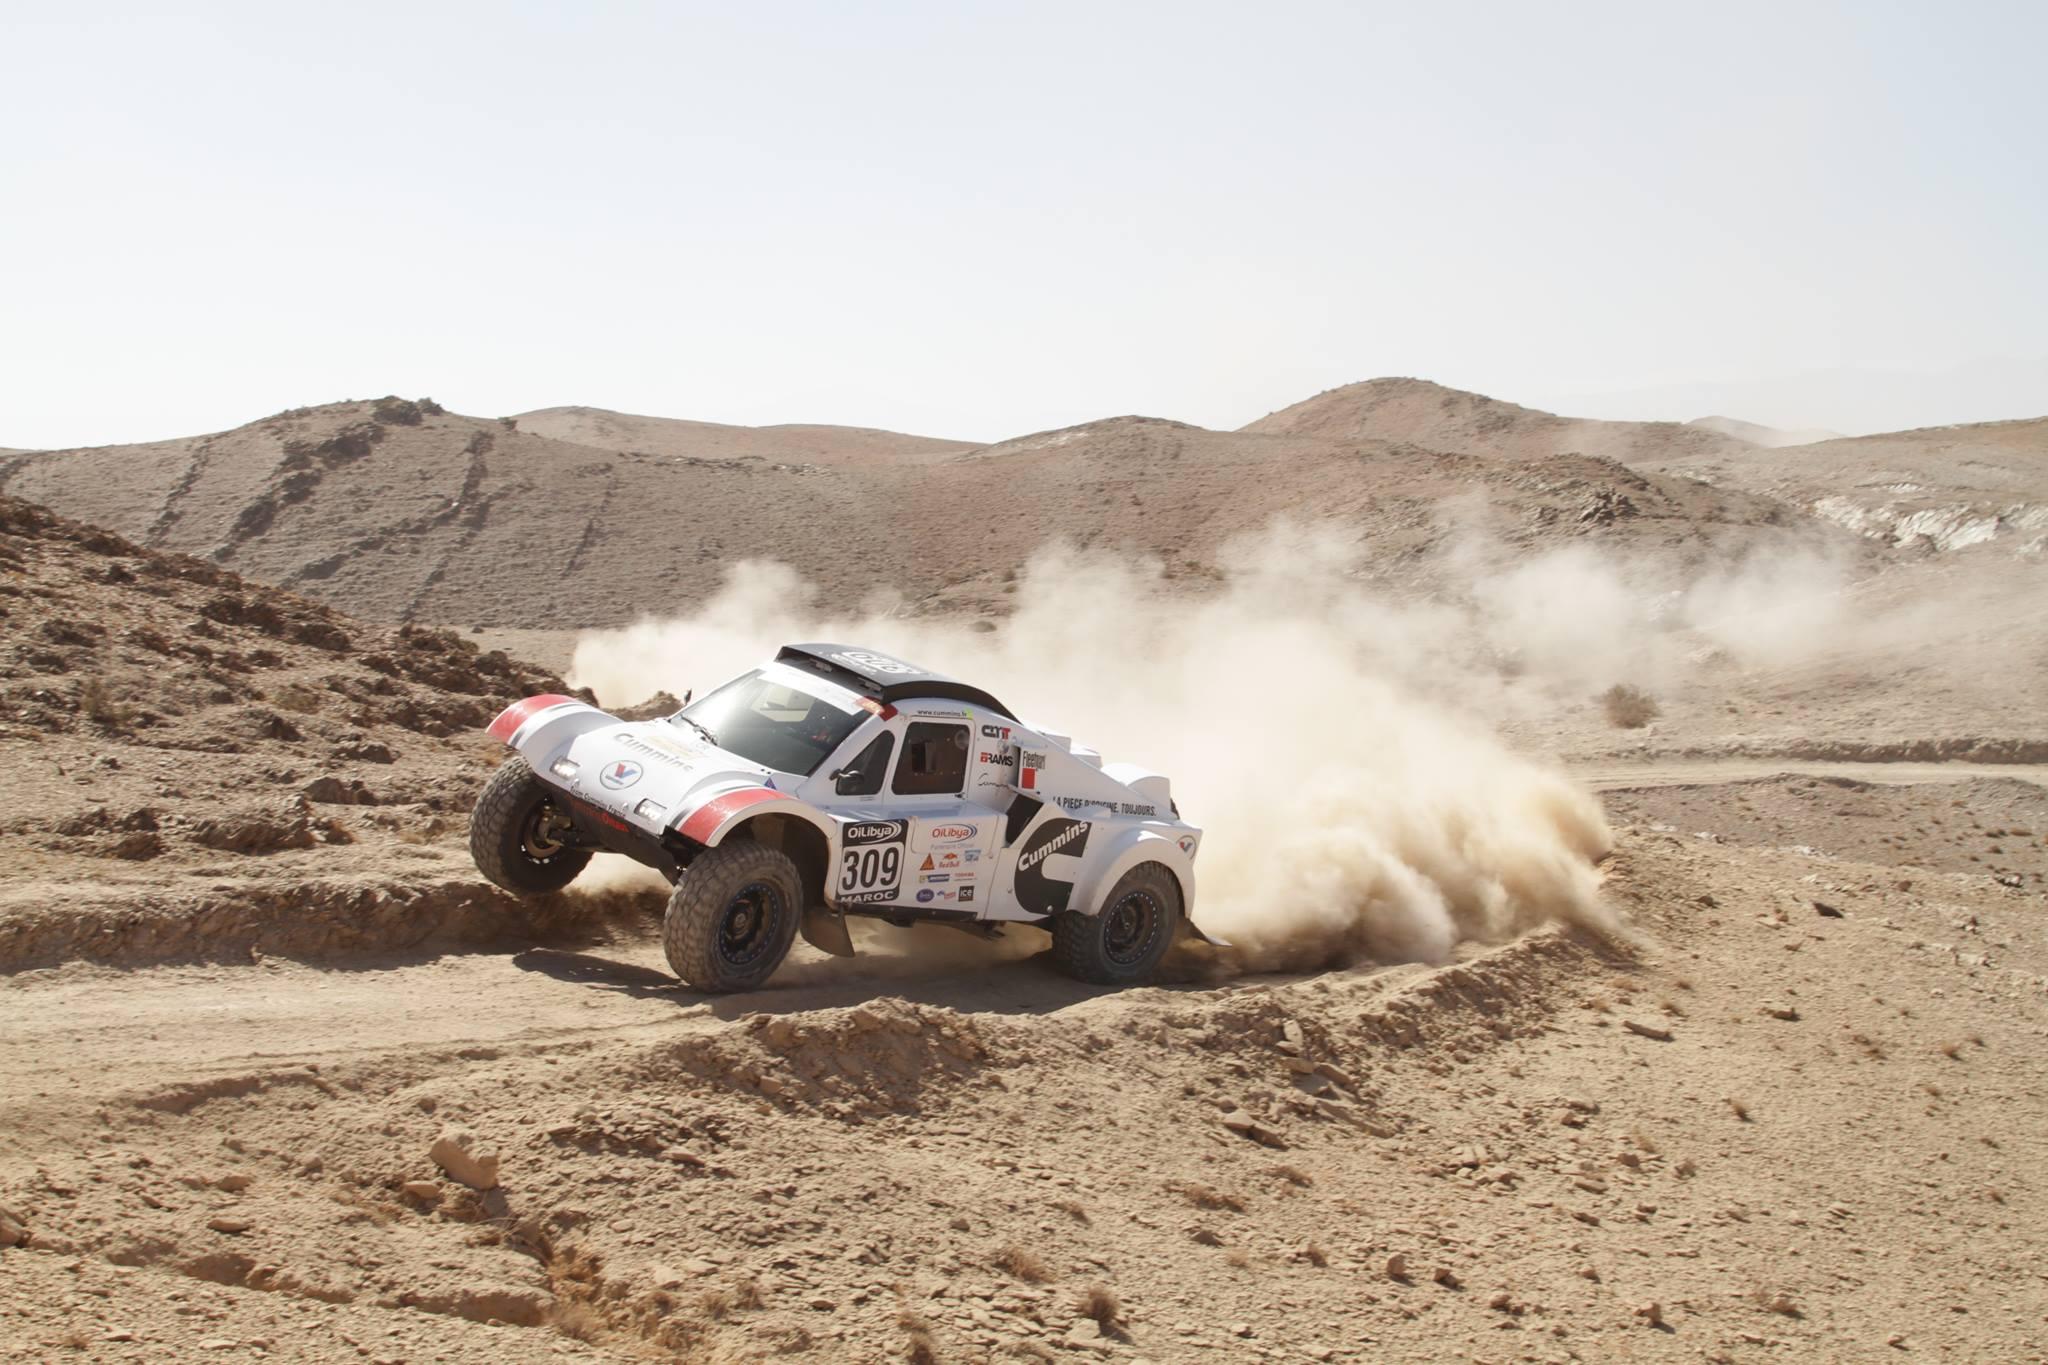 صورة البوليساريـو تهدد سباق رالي دولي بالصحراء المغربية